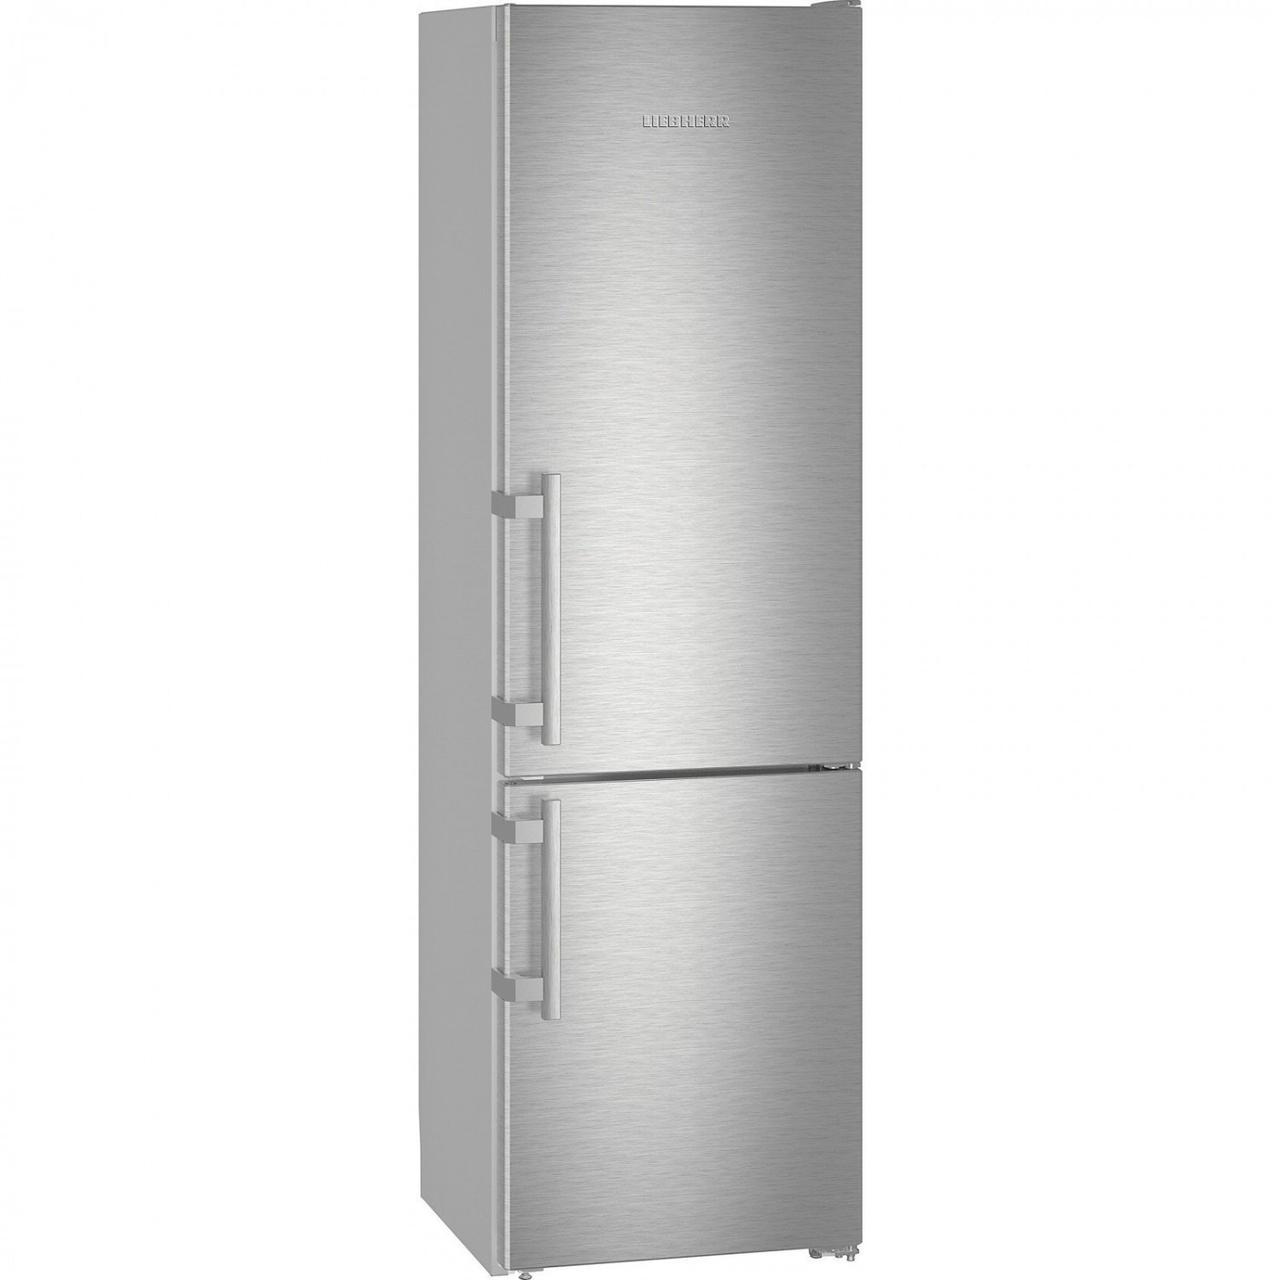 Отдельностоящий двухкамерный холодильник Liebherr Cef 3825 Comfort